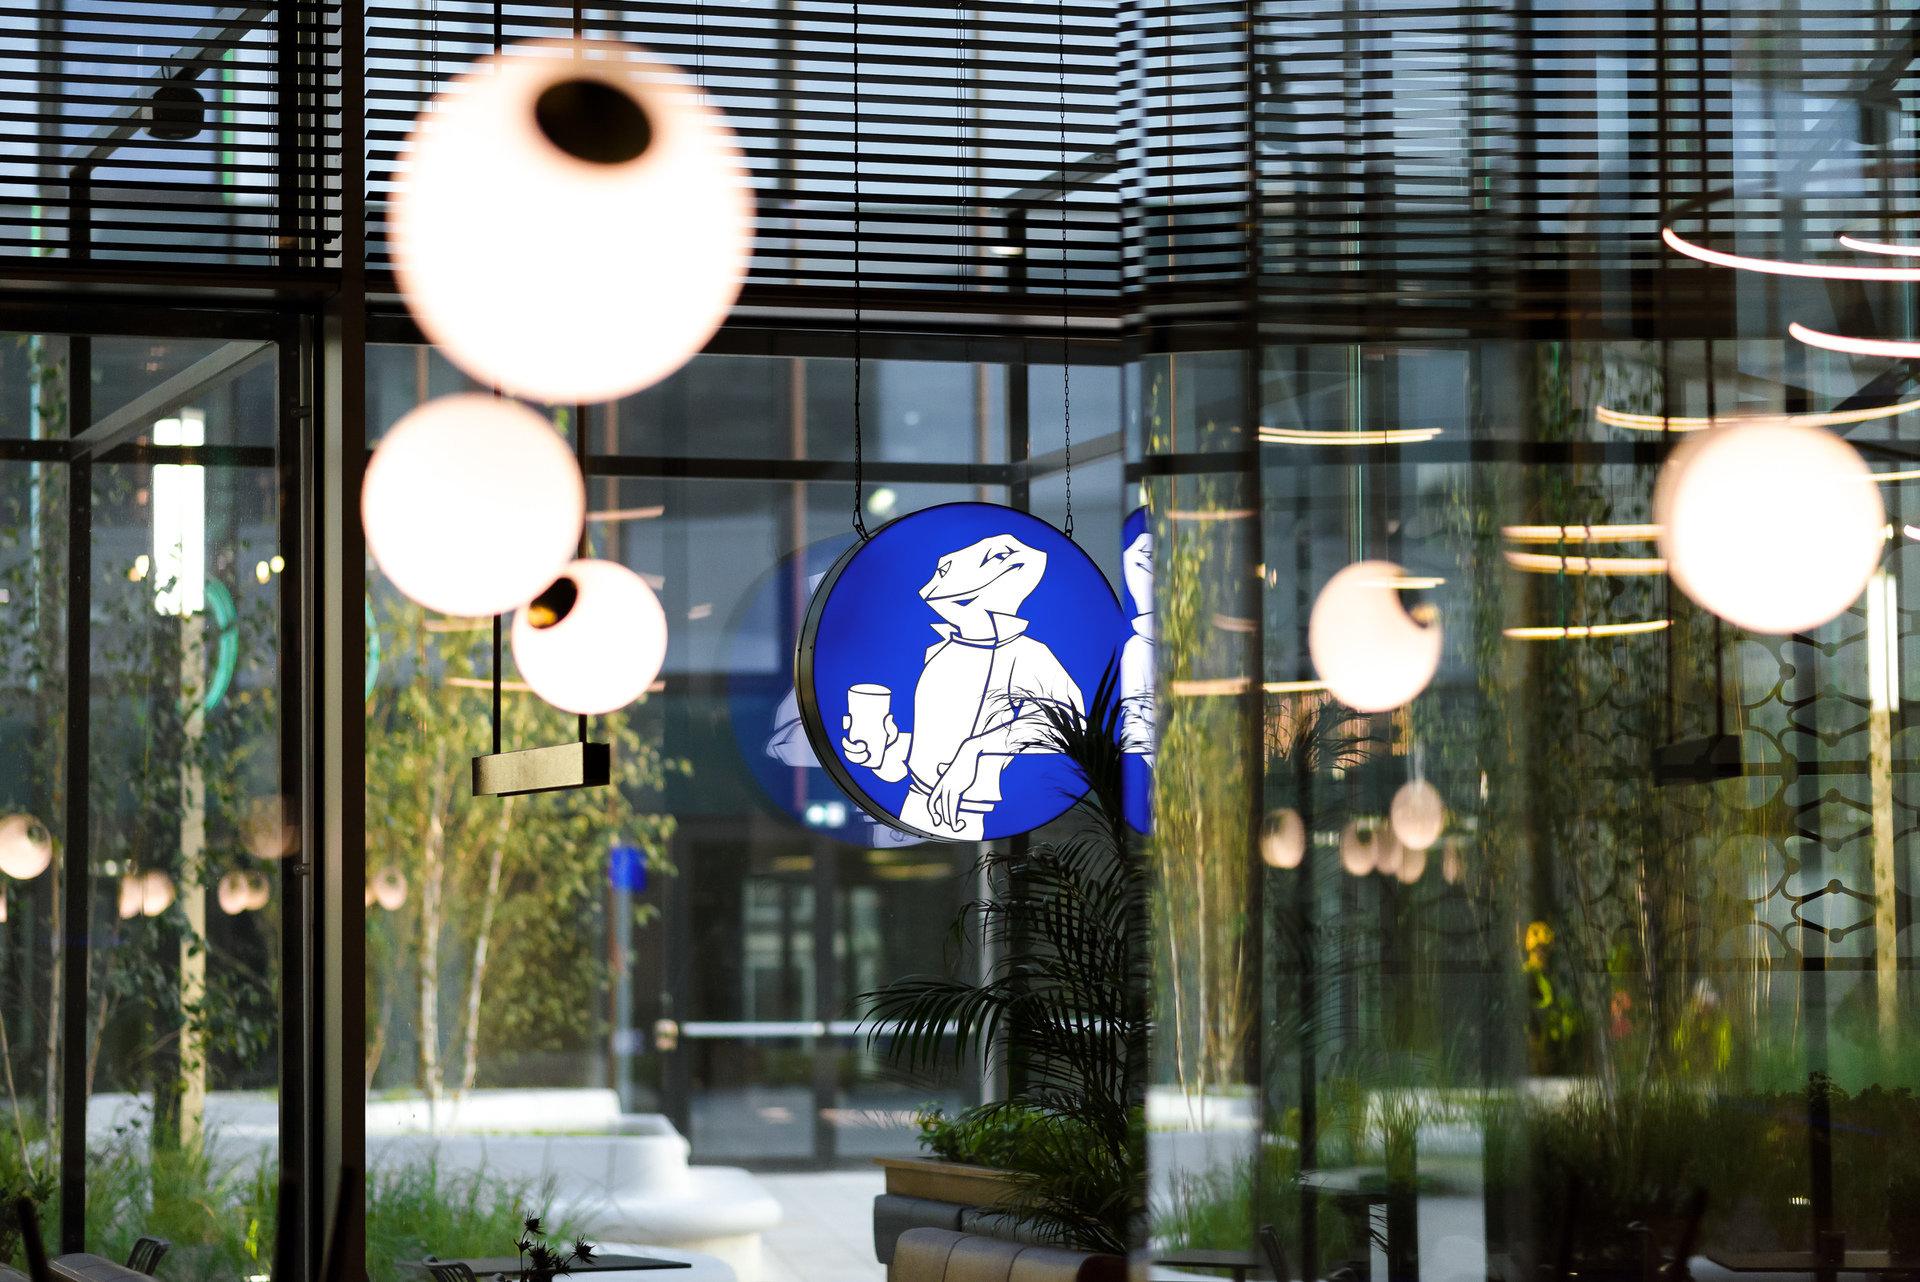 Debiut marki blue frog w Polsce